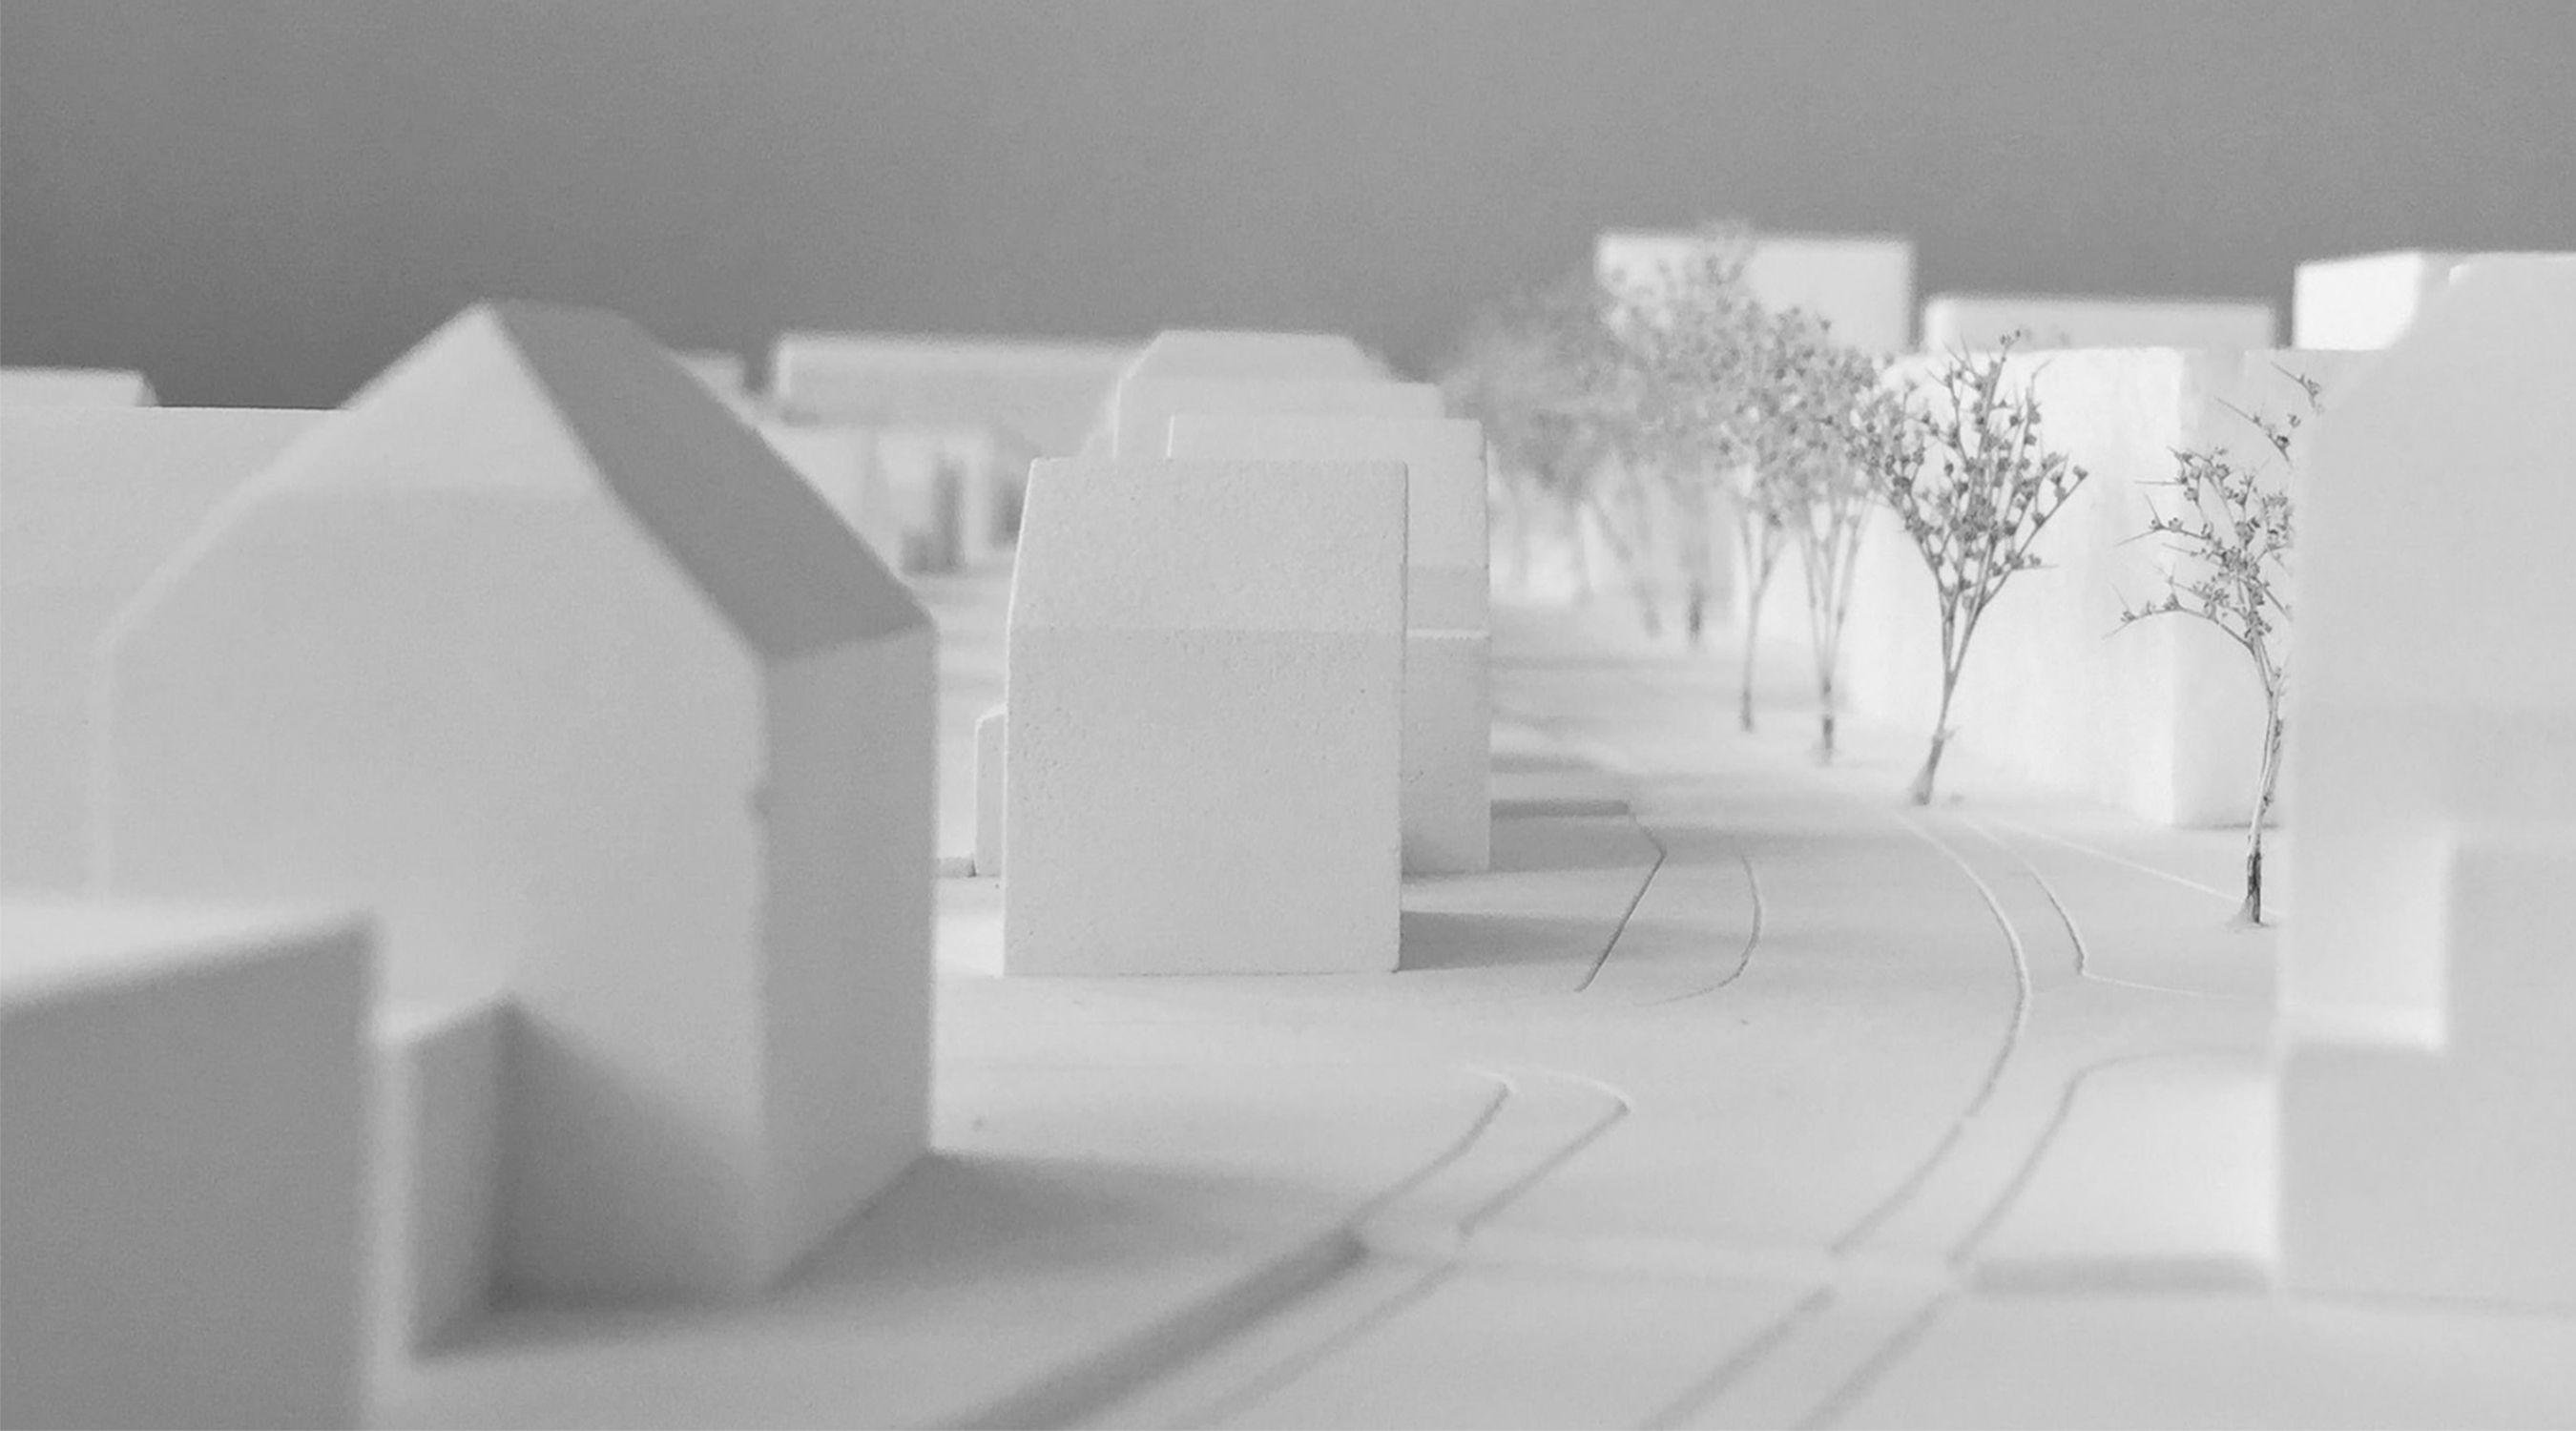 Arealentwicklung Freistatt Thun städtebauliches Modell